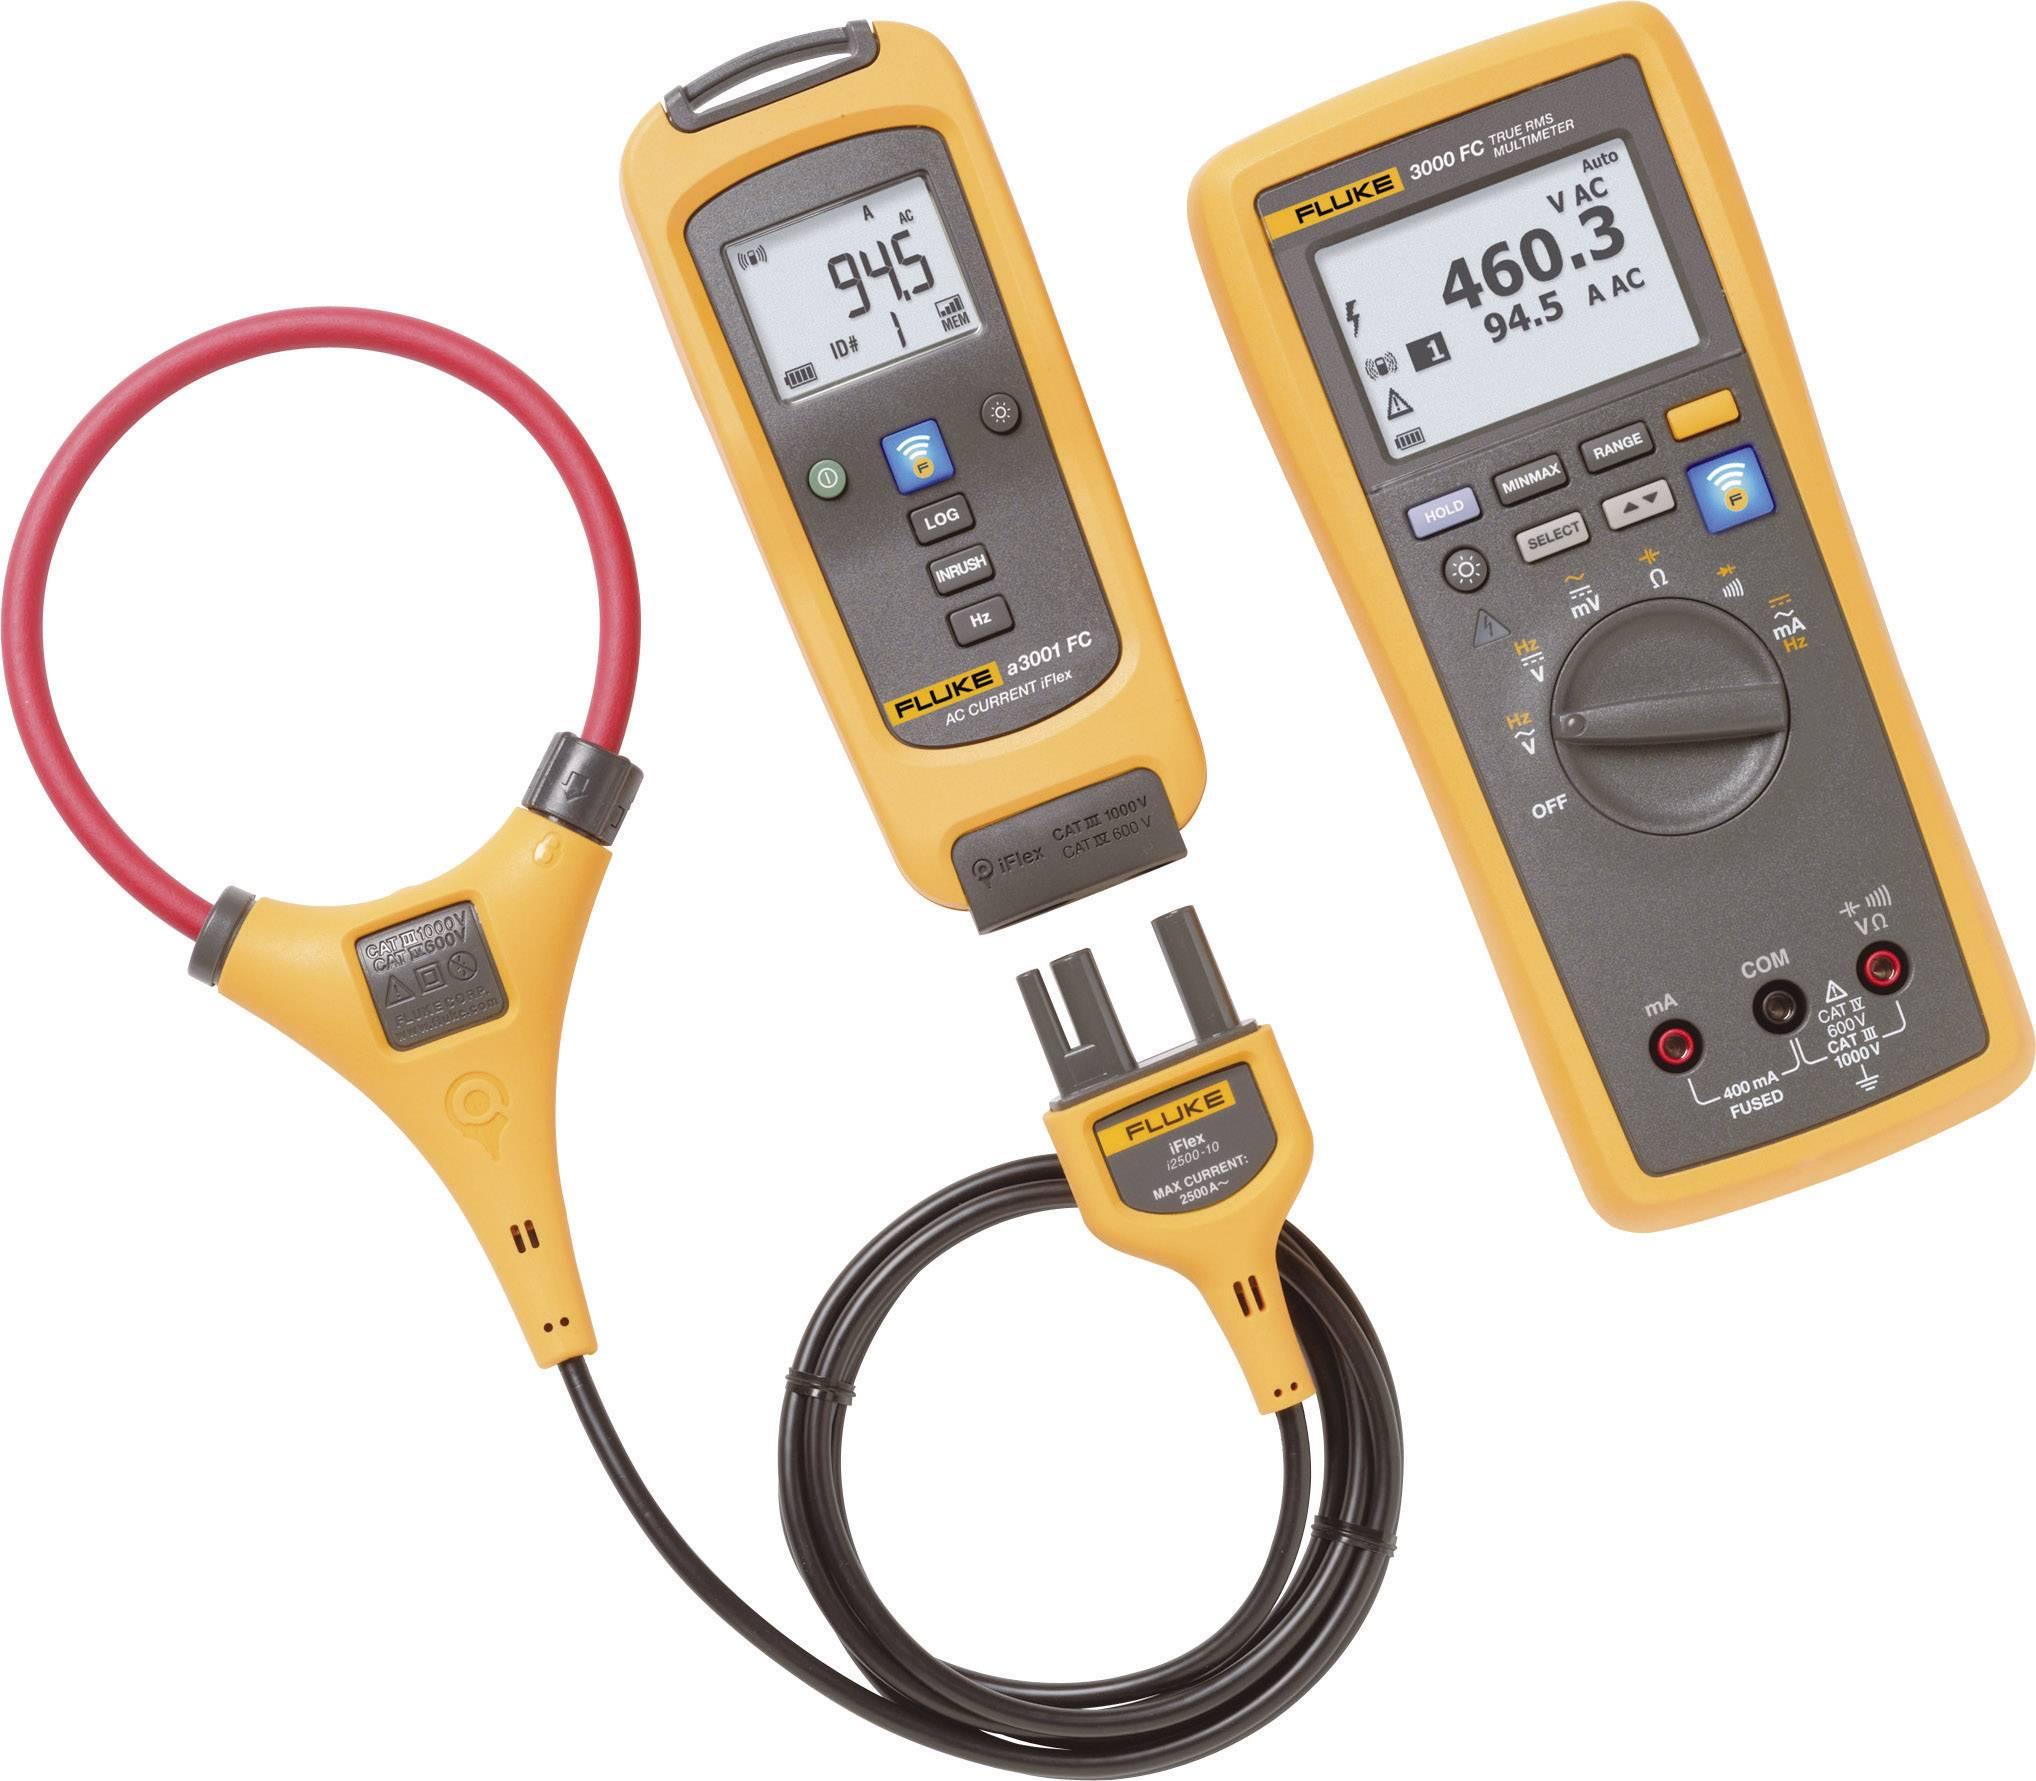 Prúdové kliešte, ručný multimeter digitálne/y Fluke FLK-A3001 FC KIT, grafický displej, datalogger